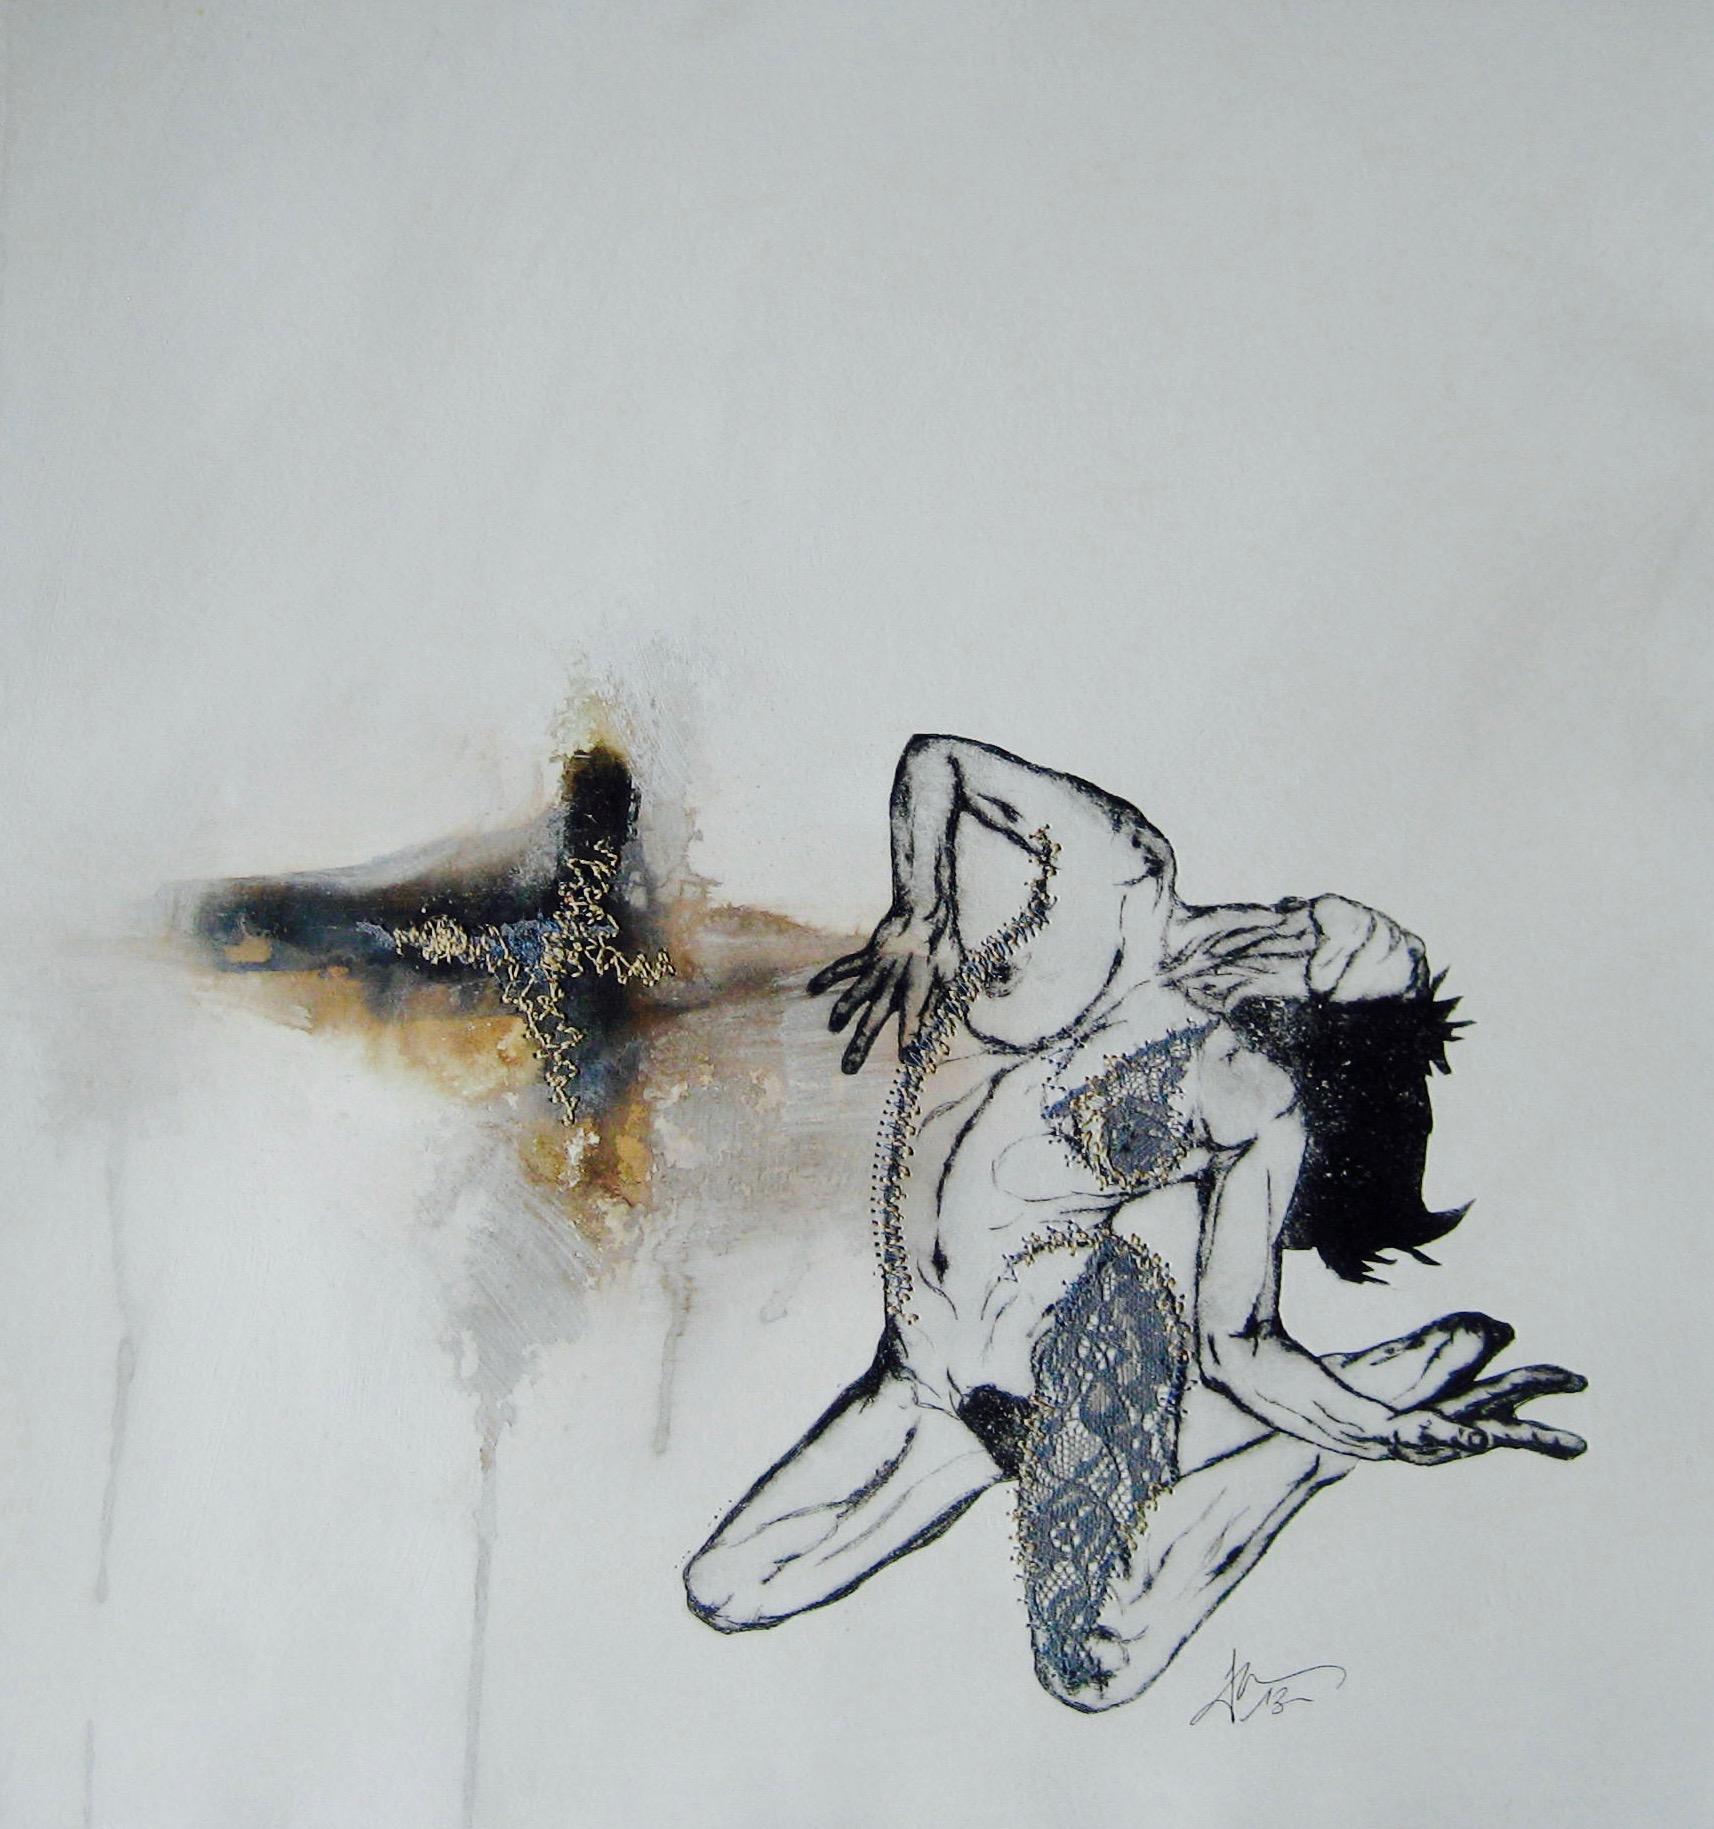 Sans titre - Pointe sèche et carborundum sur rhénalon, peinture acrylique, dentelle de Calais et couture - 2013